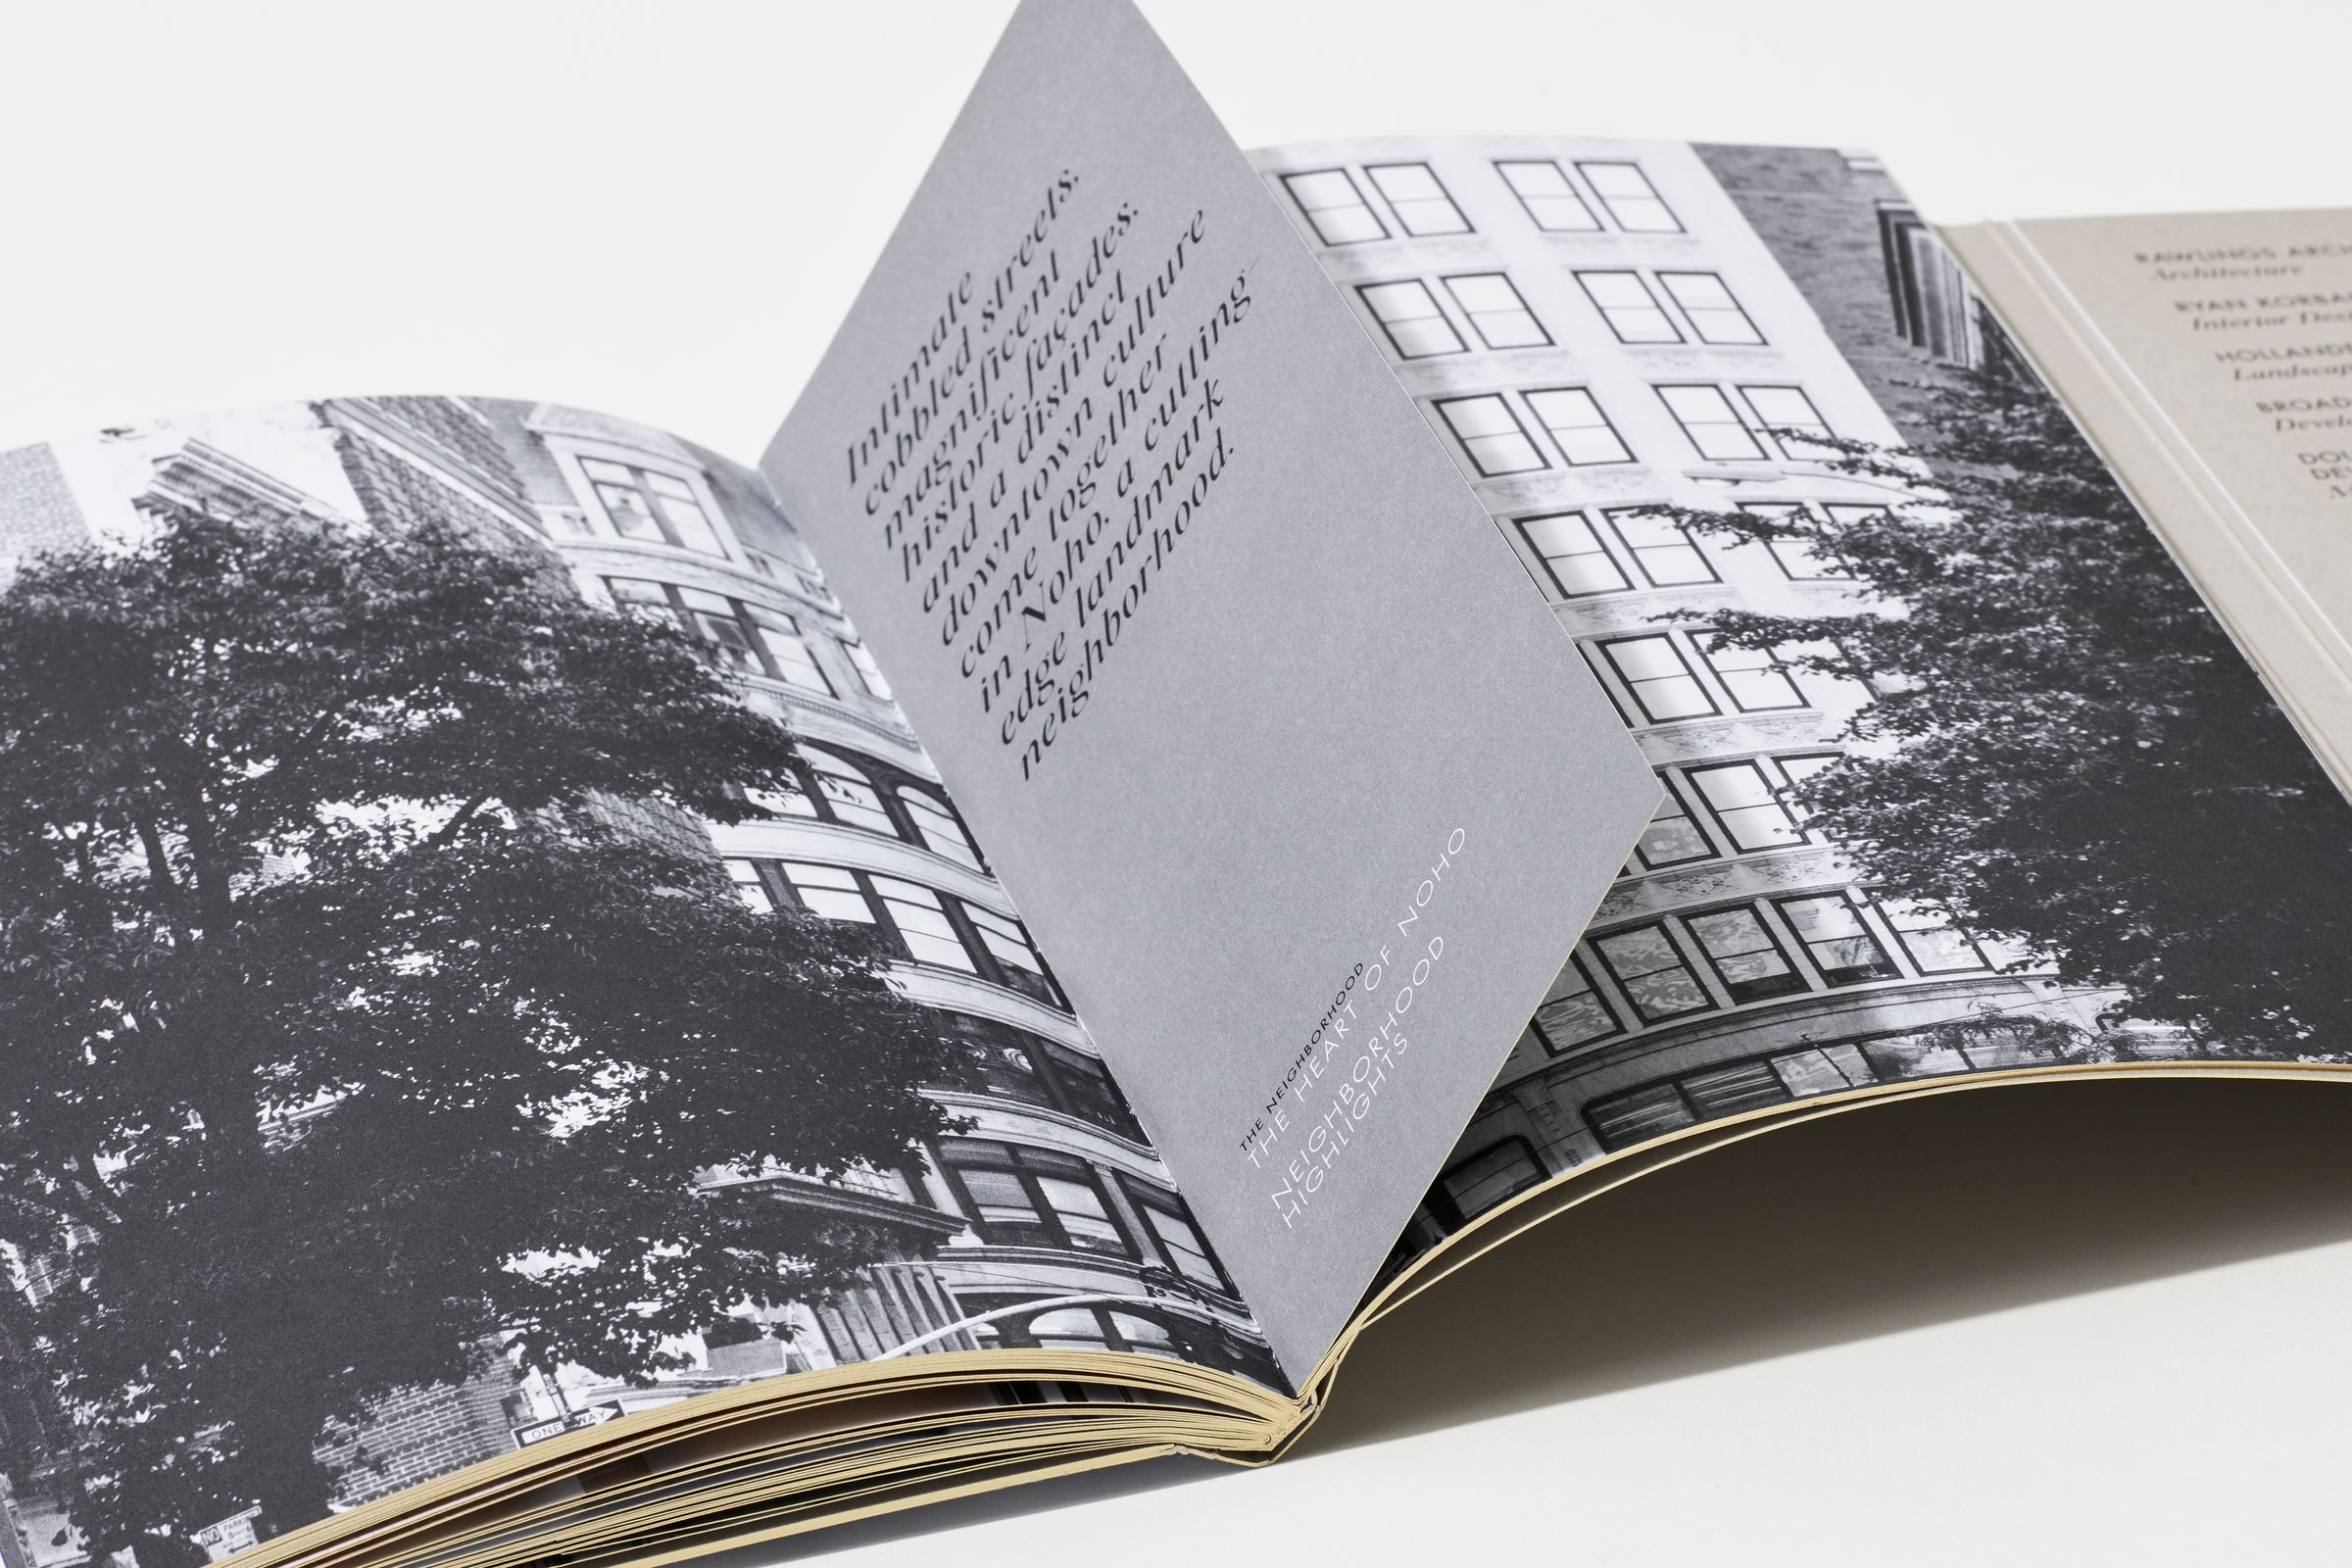 40 Bleecker marketing materials open book